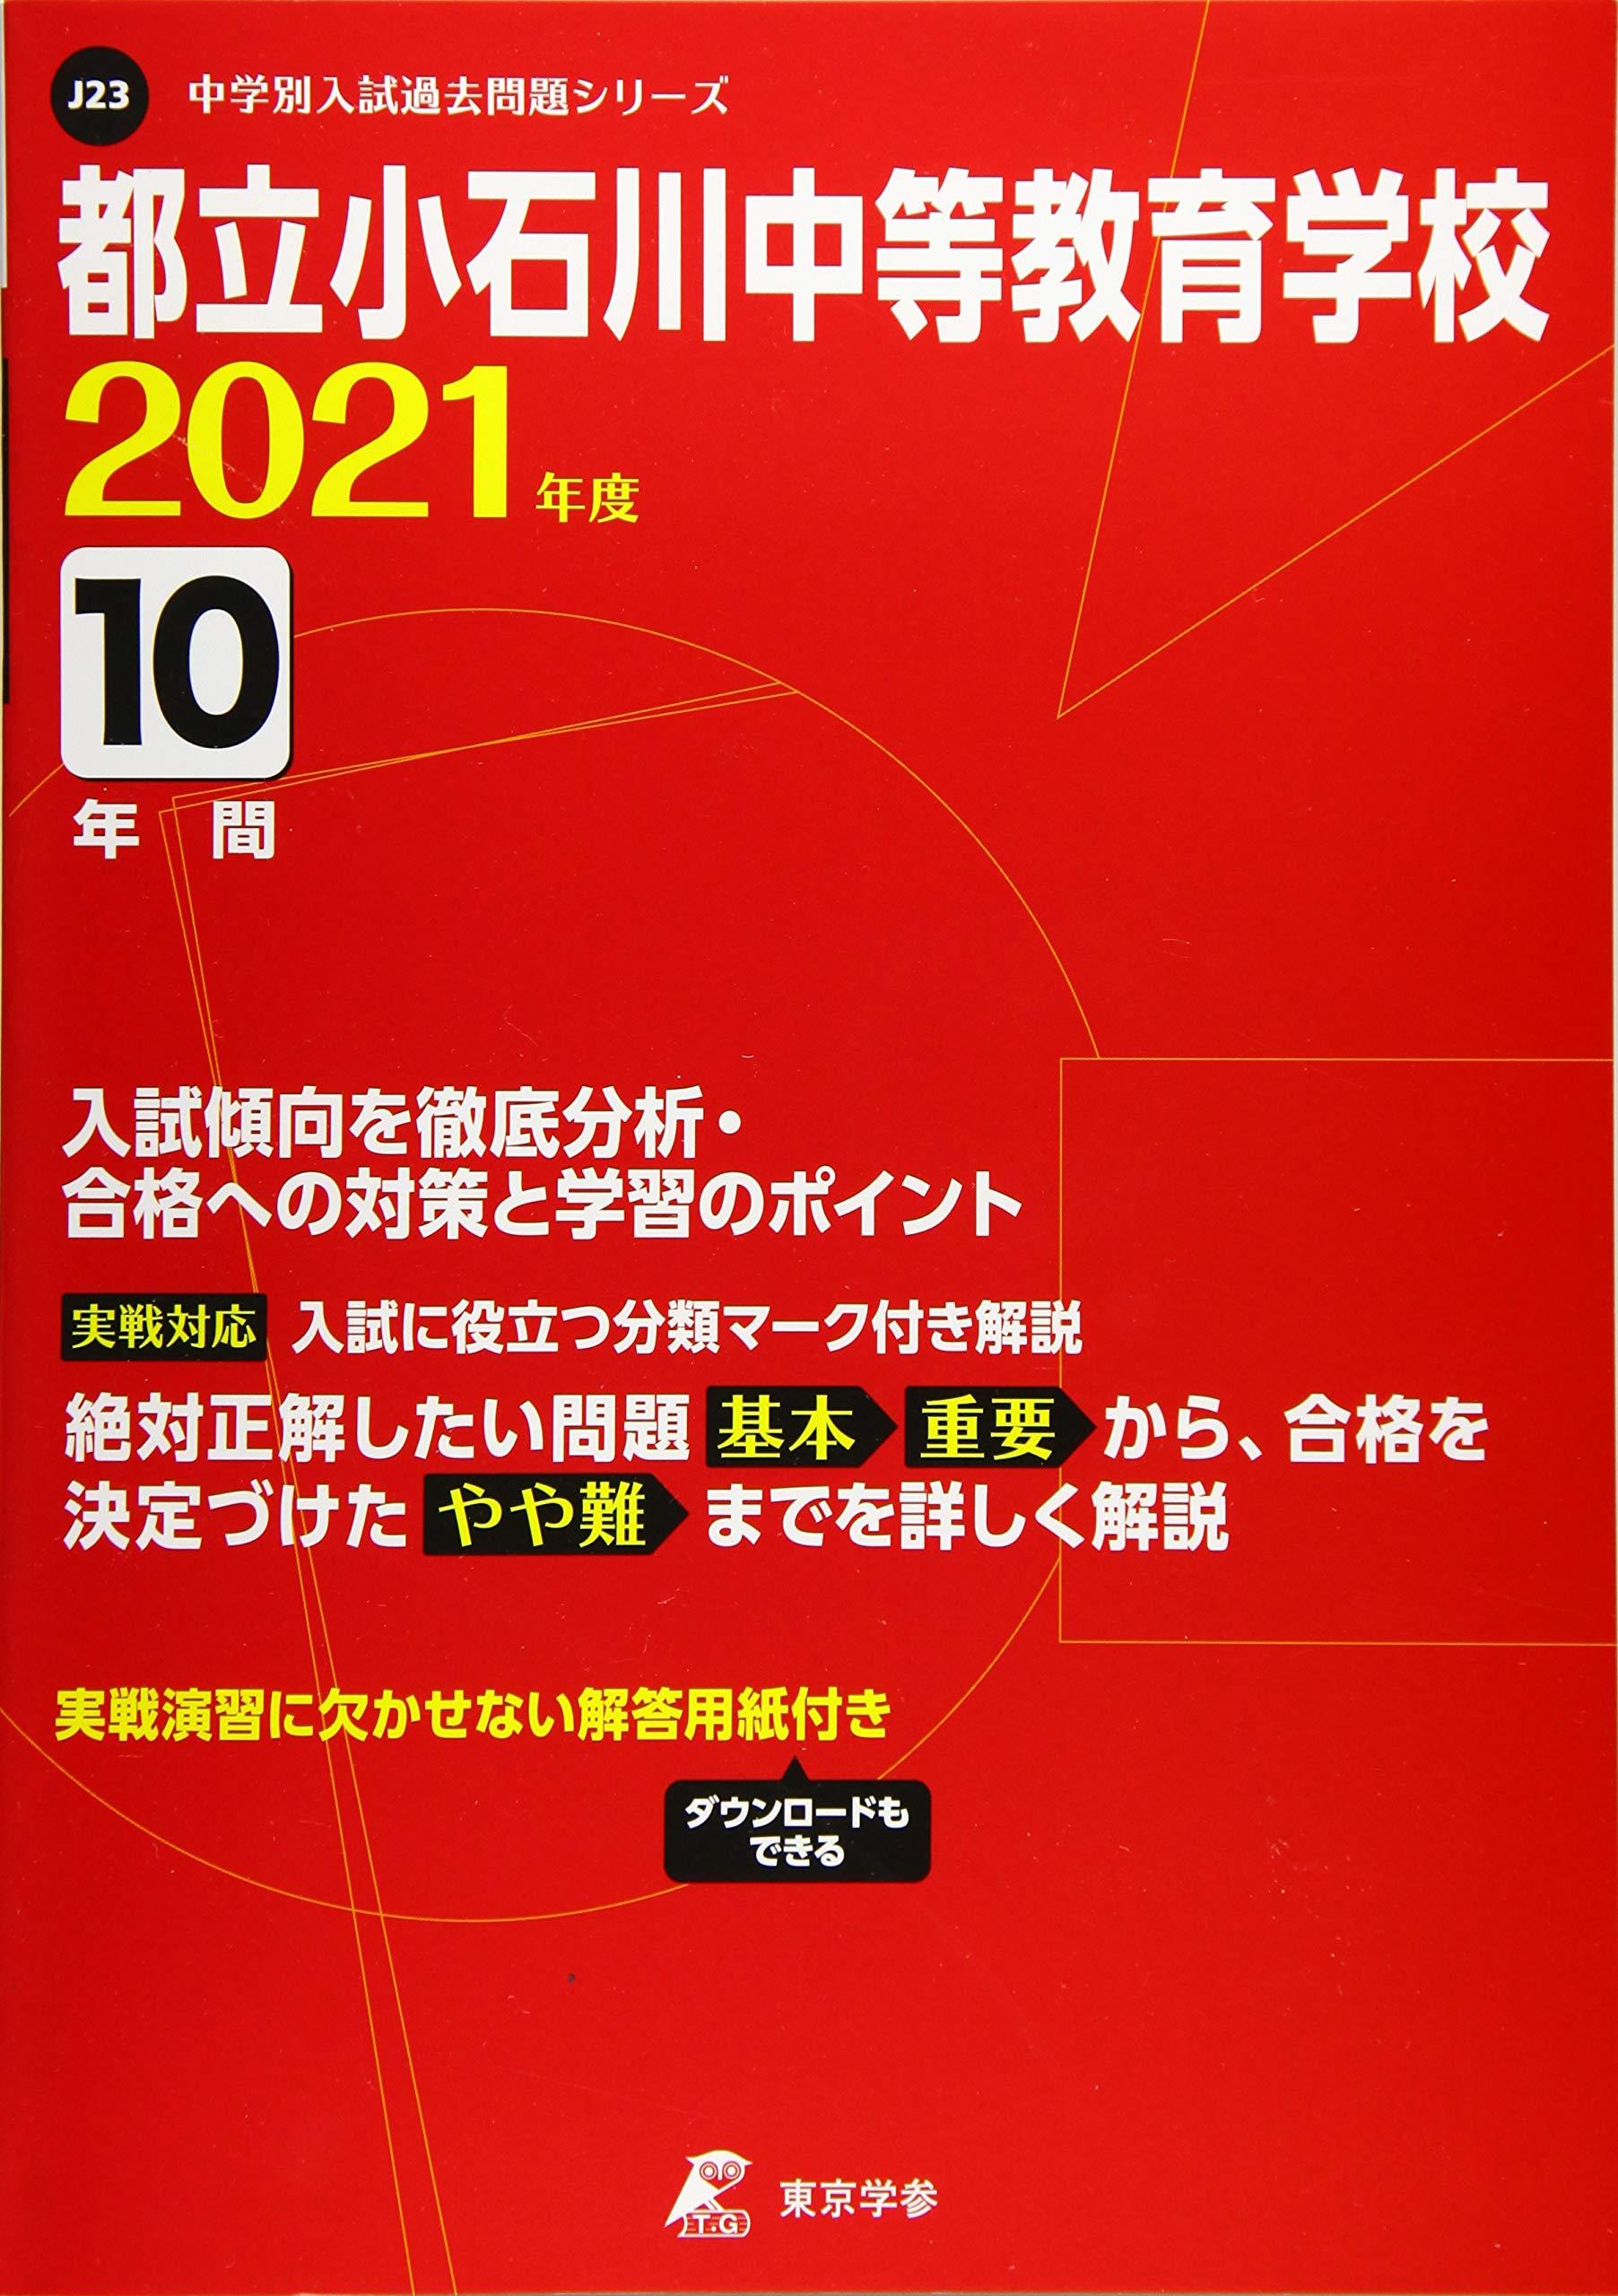 J23_2021(Back_Number)